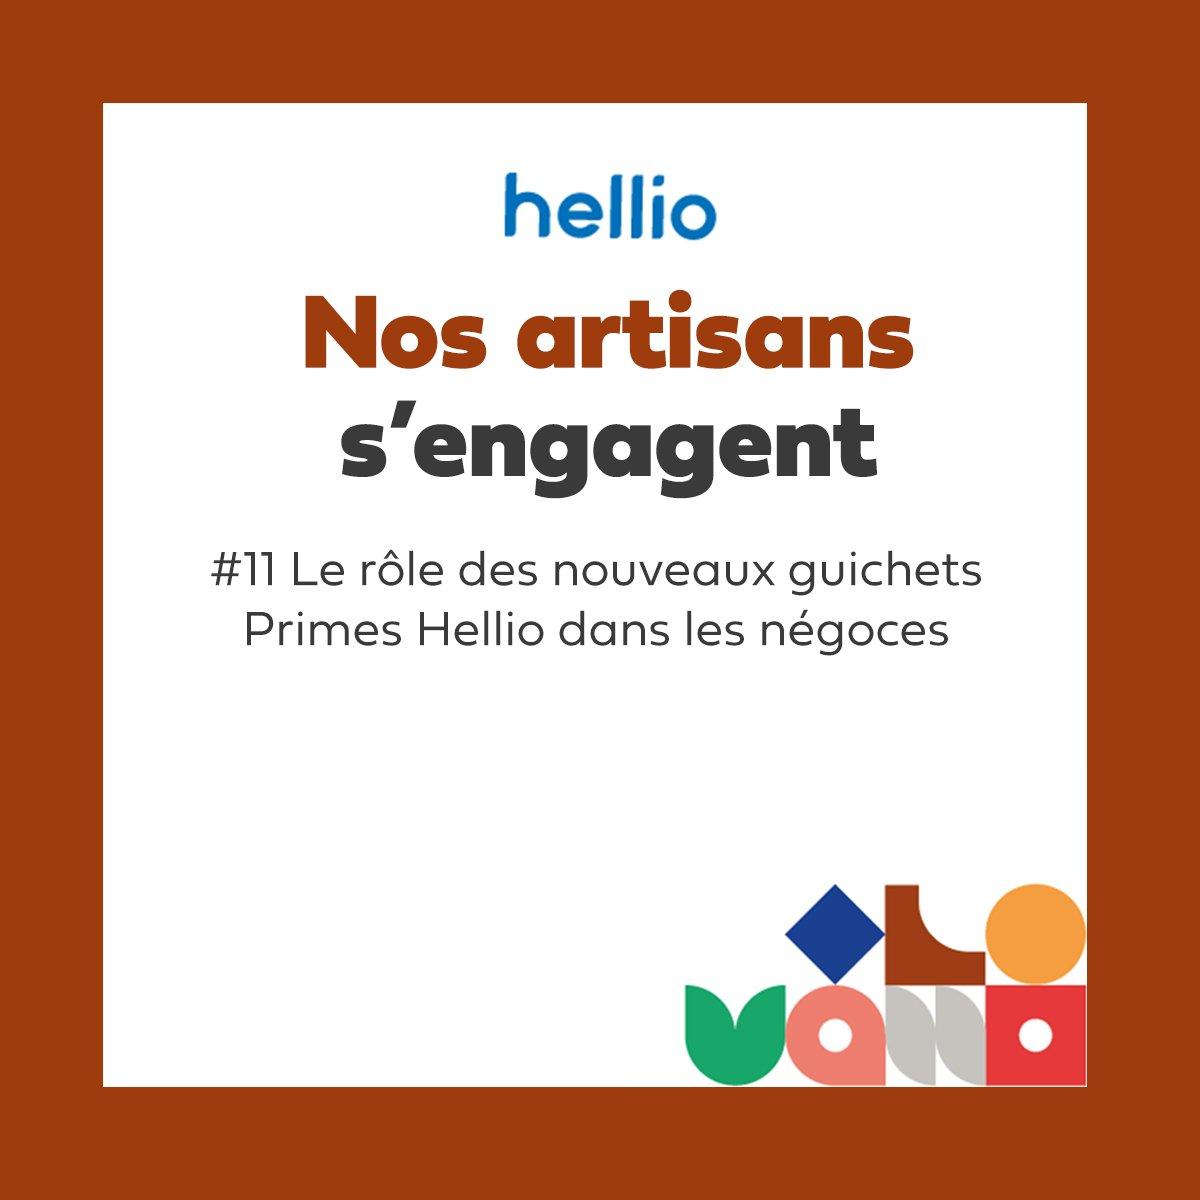 Podcast Hellio : le rôle des guichets primes dans les négoces Nos artisans s'engagent #11